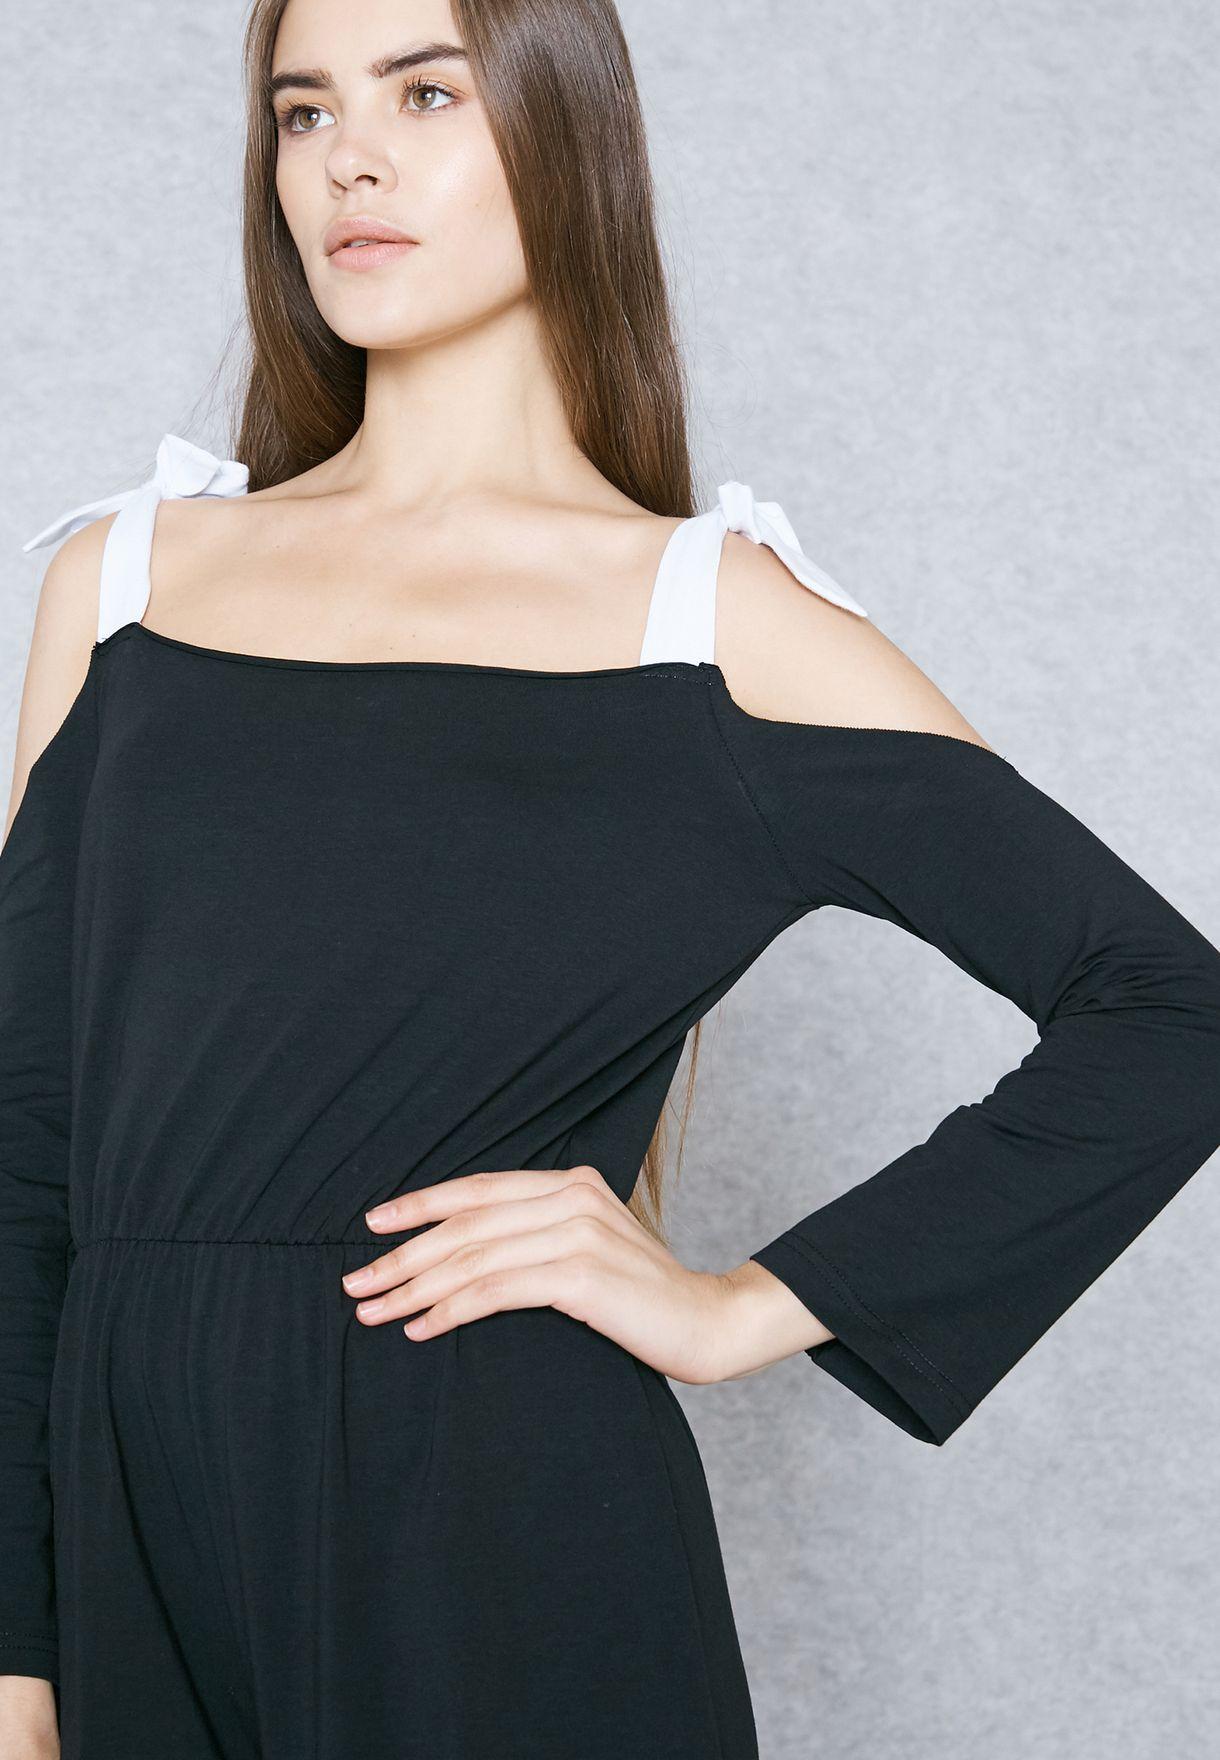 df95569ff89 Shop Ginger black Tie Cold Shoulder Culotte Jumpsuit Nam8515 for ...